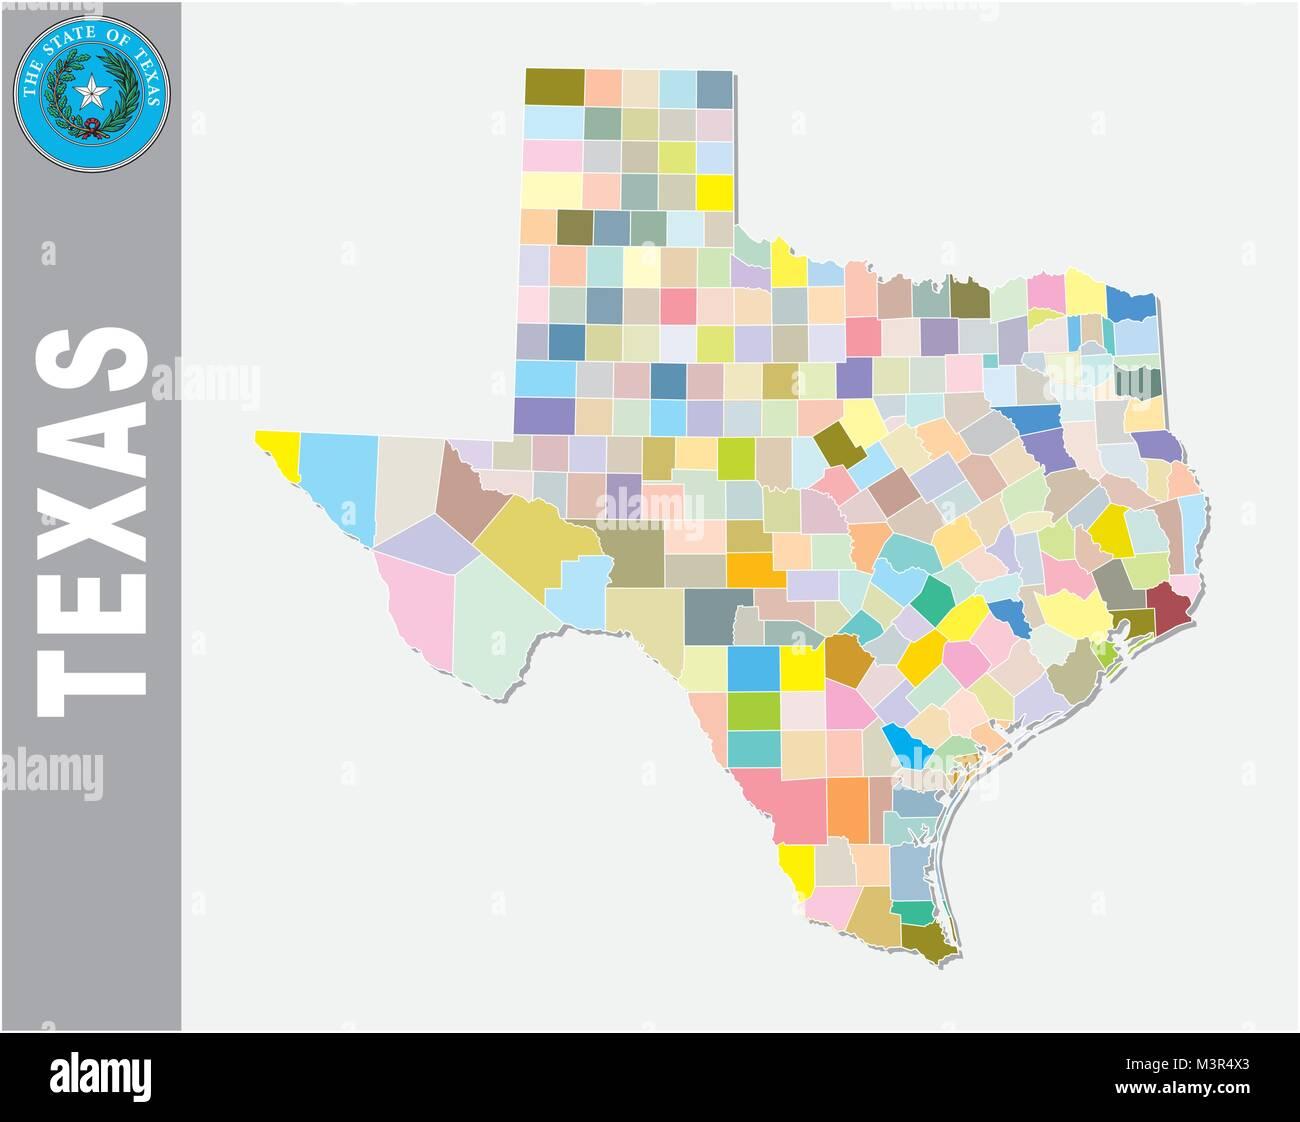 Color de mapa de vectores política y administrativa del estado federal de EE.UU. Texas con sello Imagen De Stock